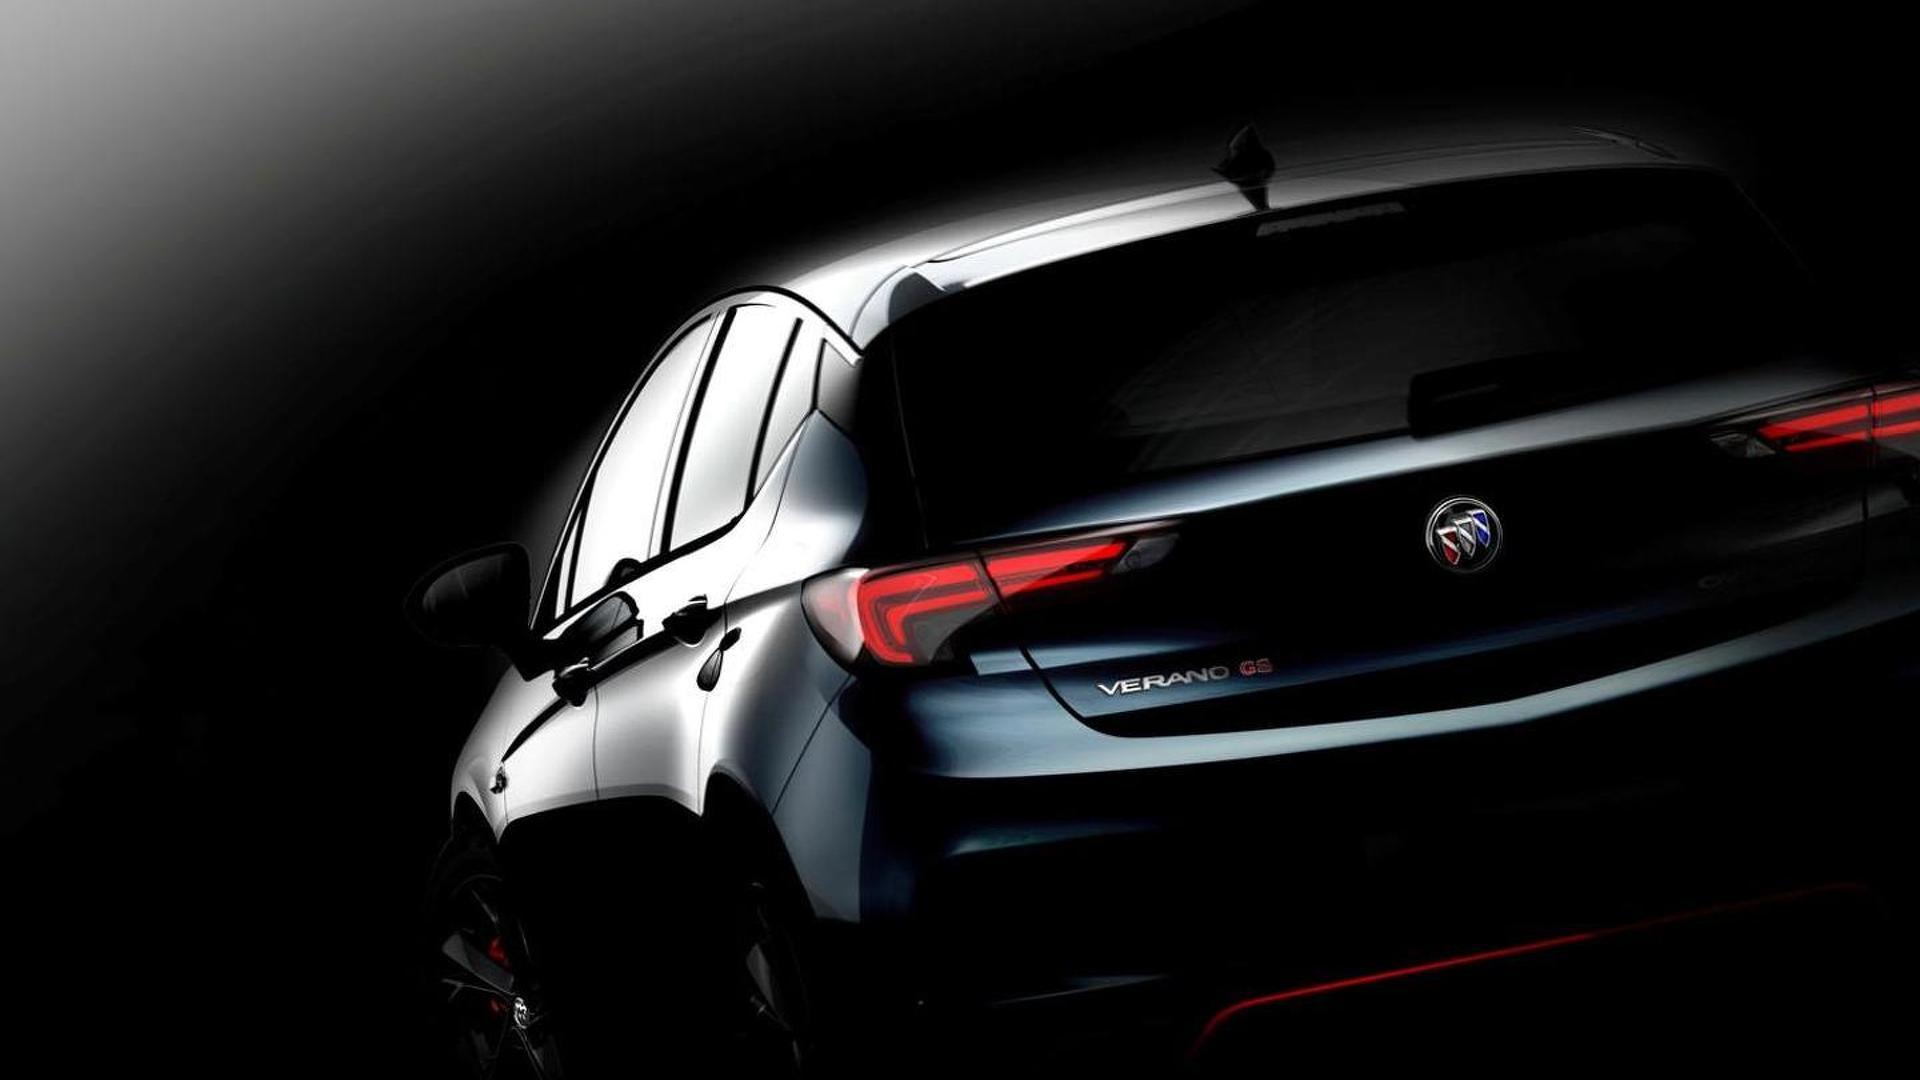 Buick Verano Hatchback & Verano GS announced